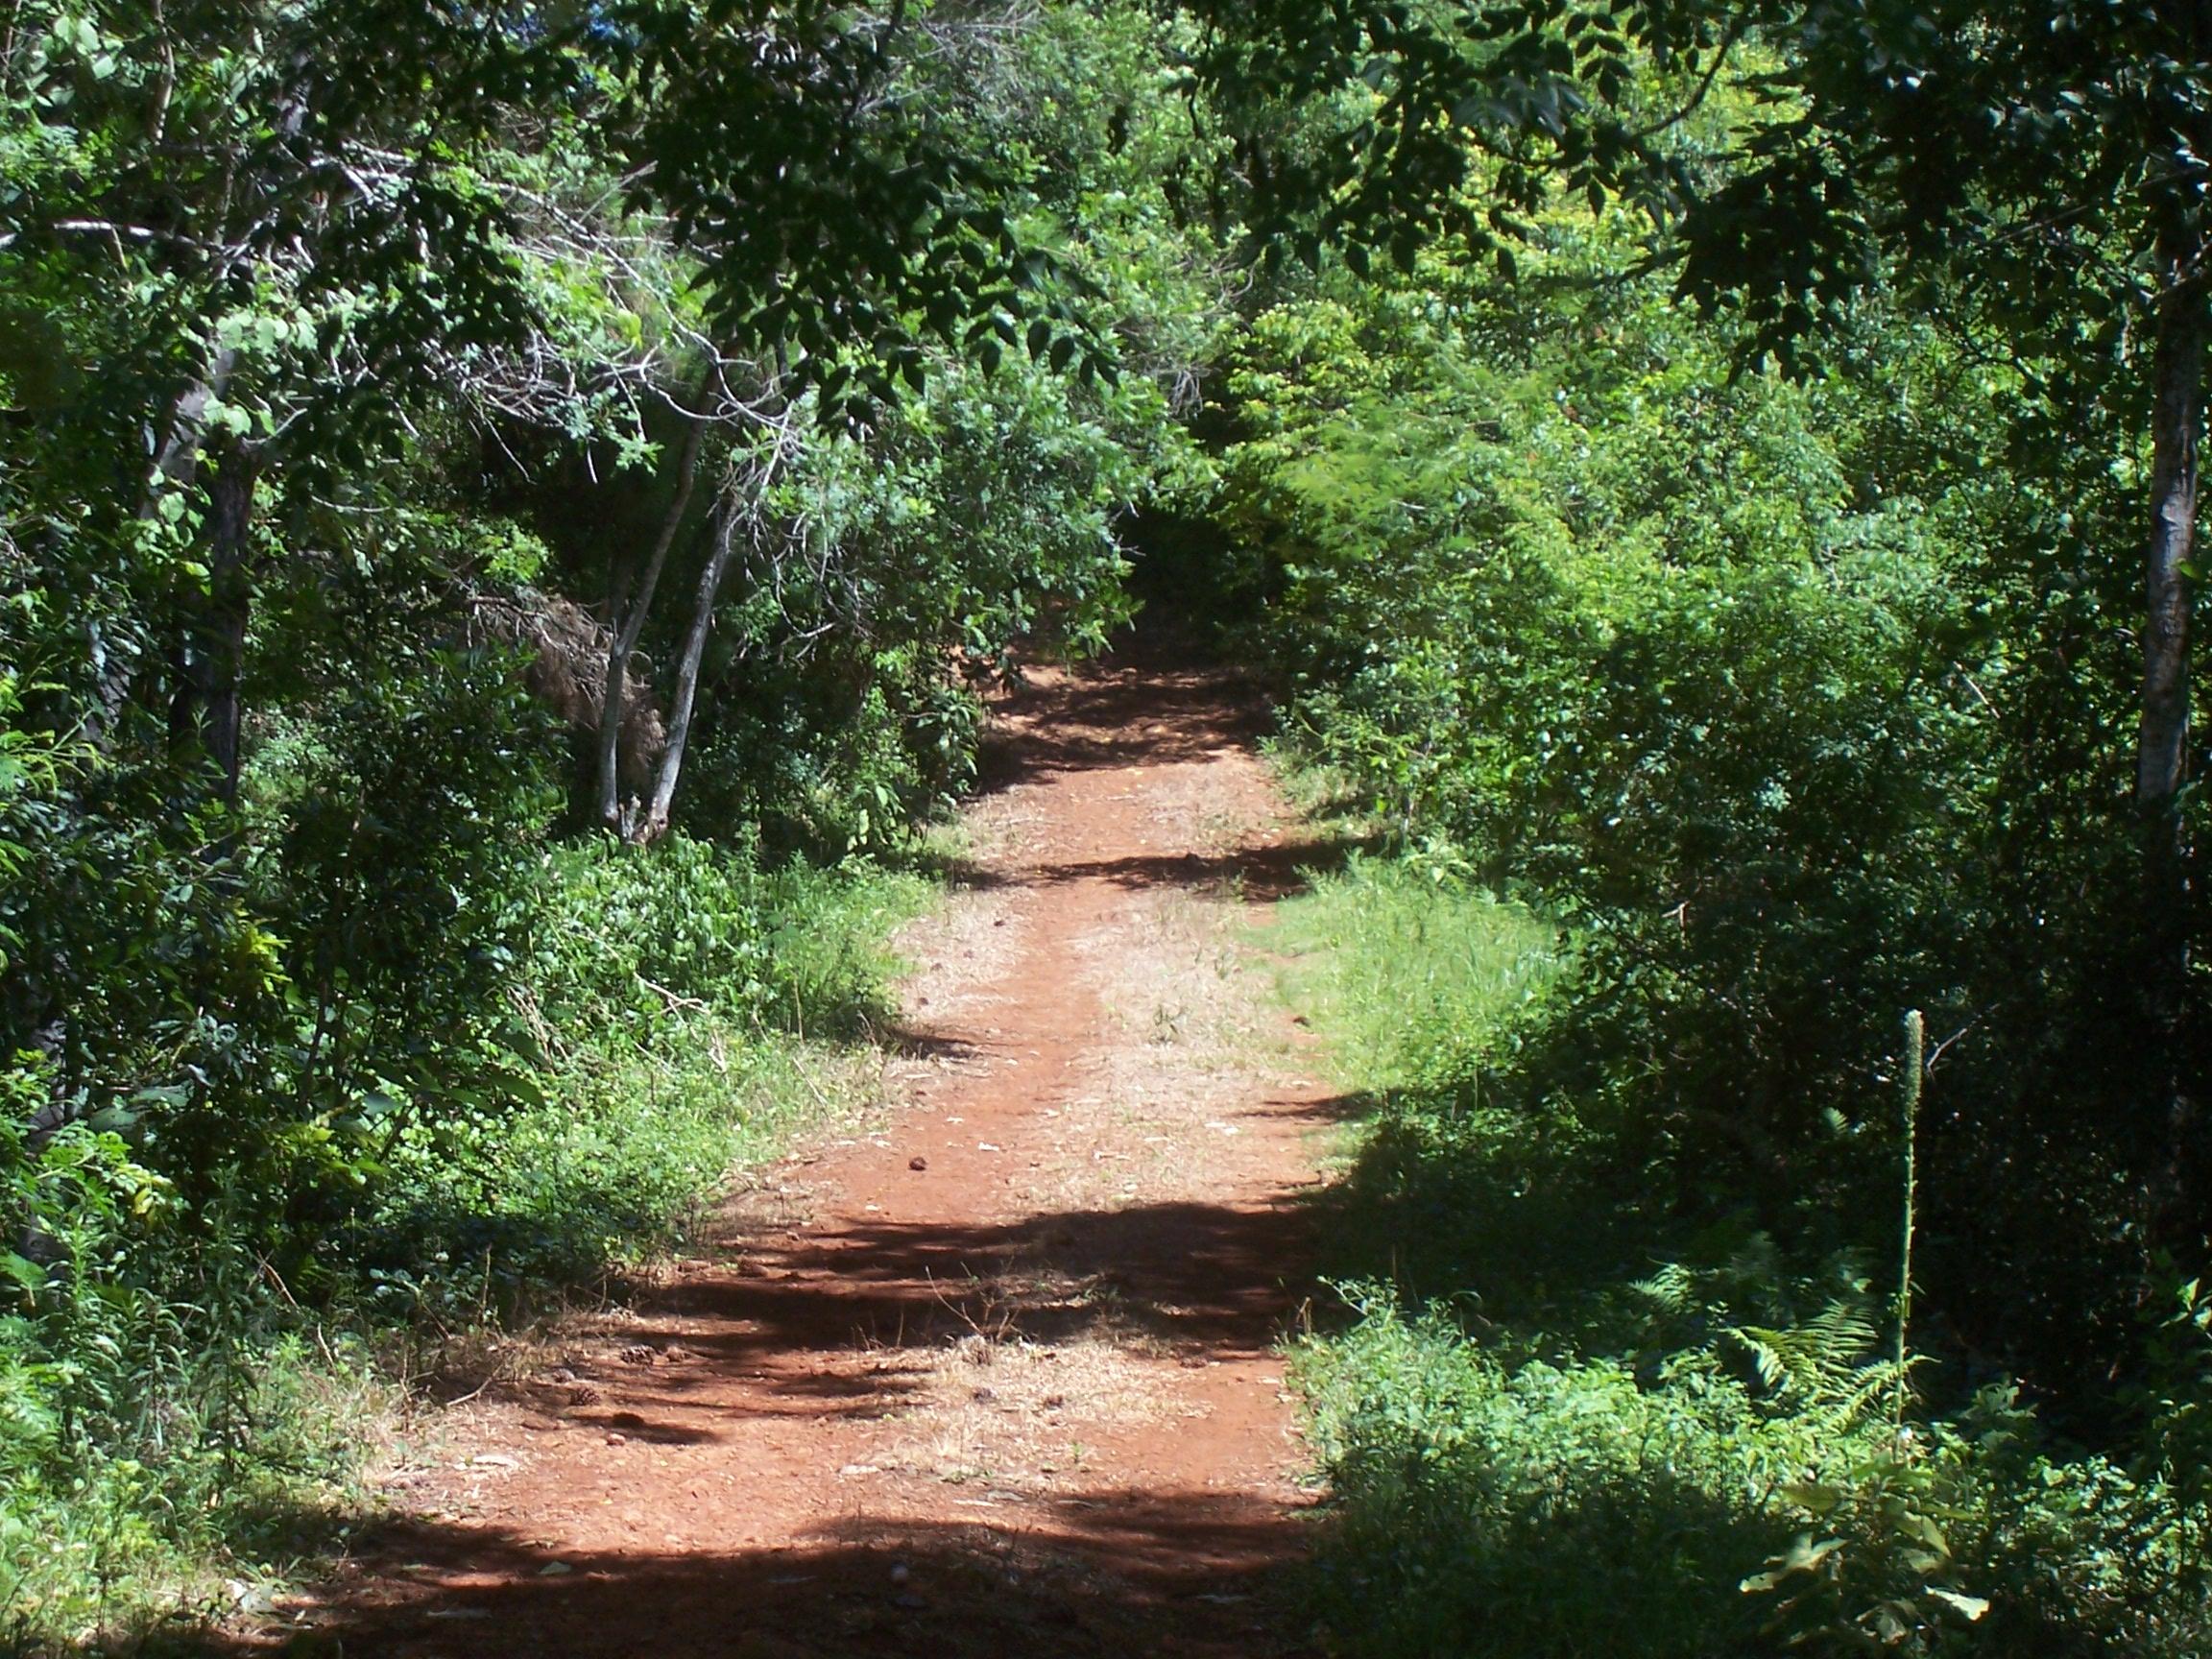 la selva misionera y sus diferentes paisajes!  Taringa!